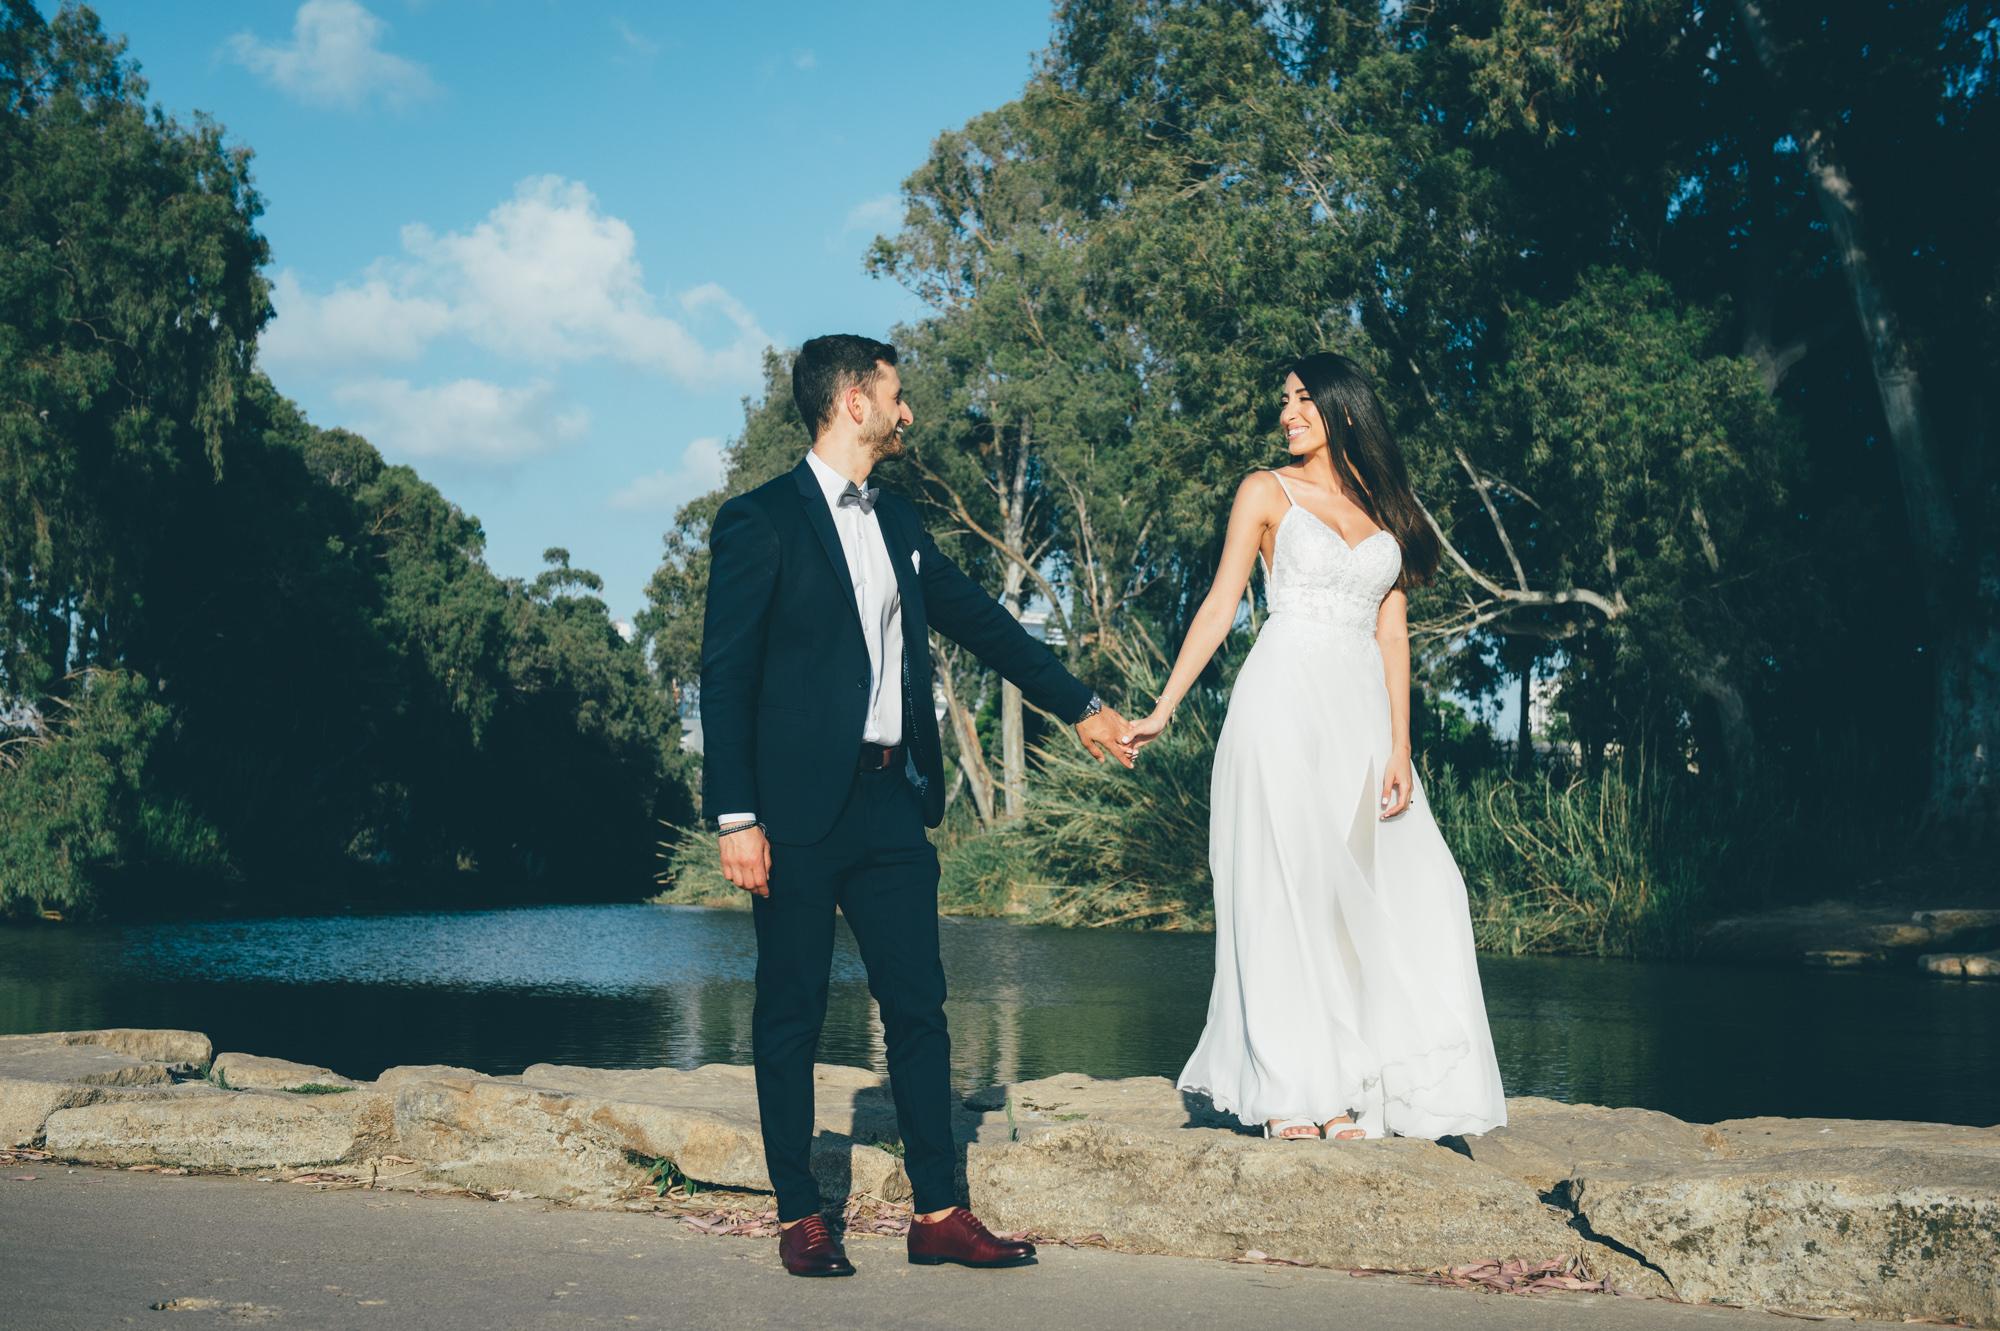 Wedding photos by - Asaf Kliger-49.jpg